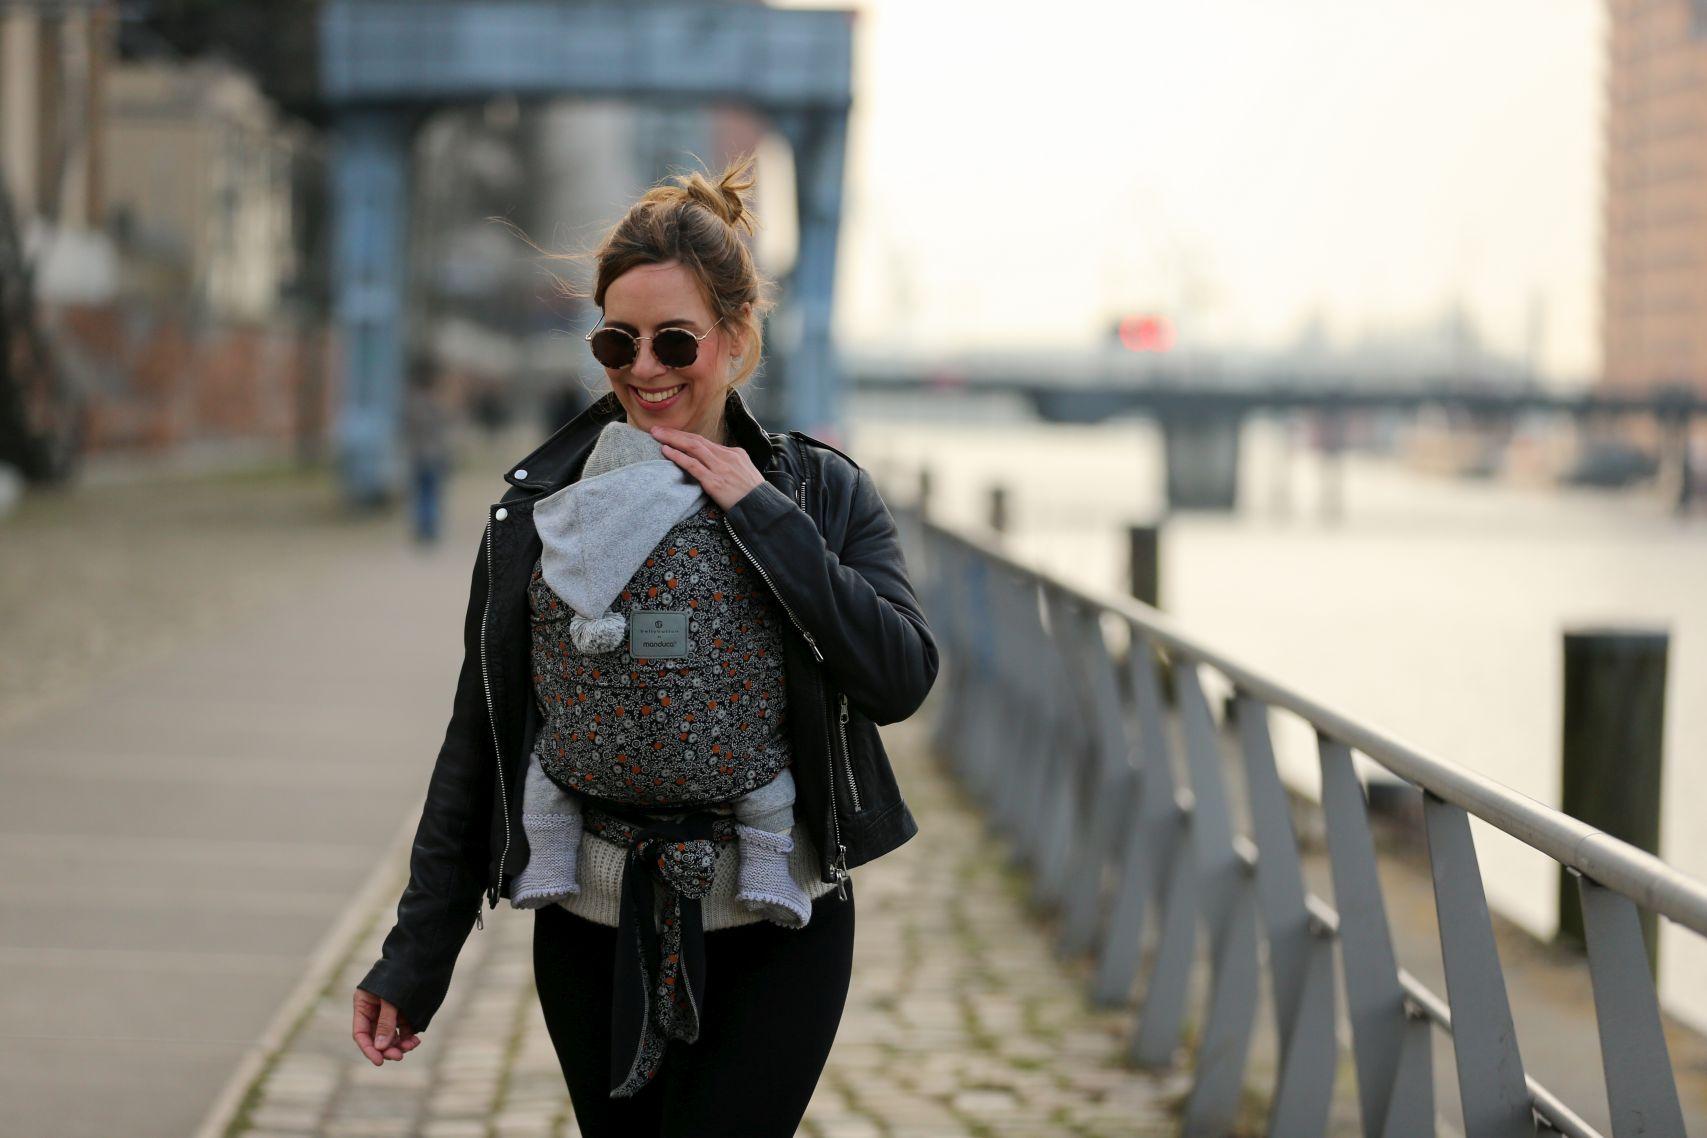 bellybutton by manduca Sling SoftBlossom Tragetuch zur Lederjacke in der Hafencity